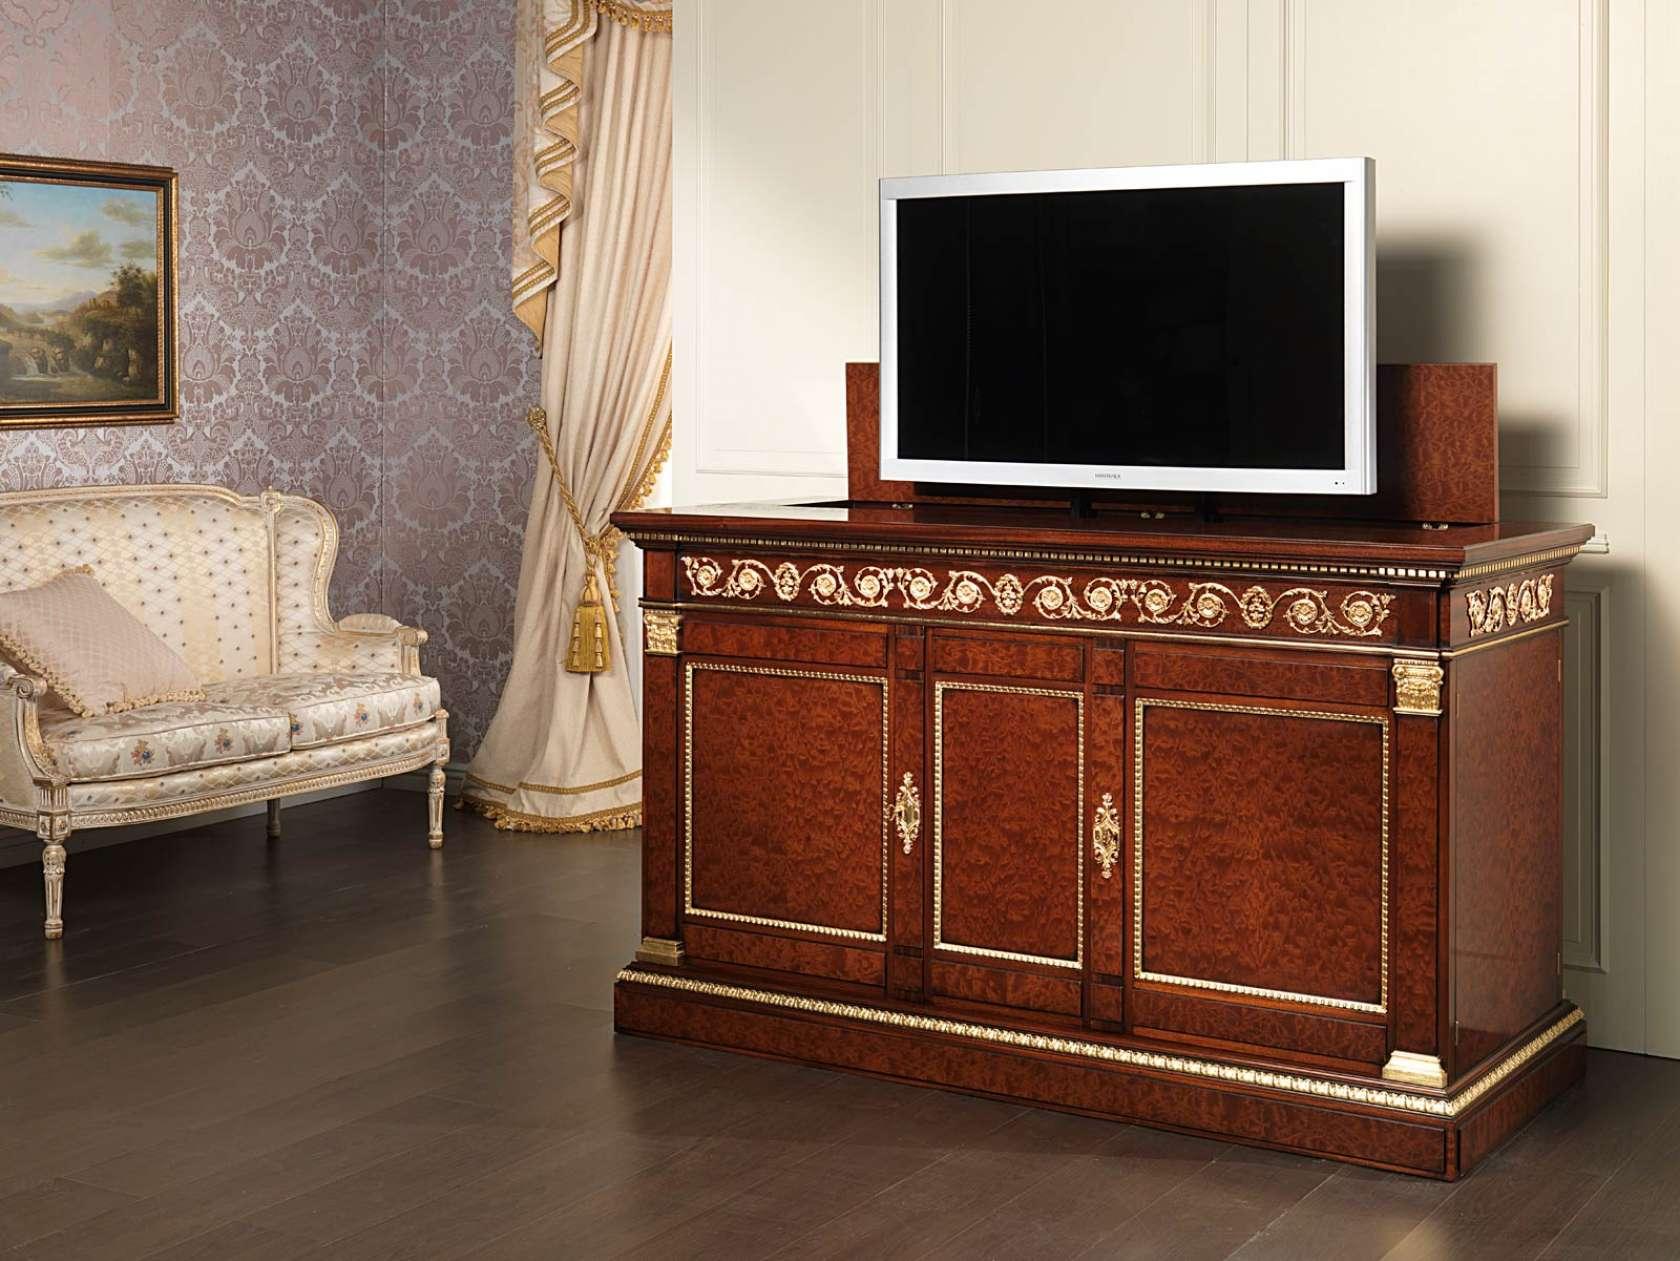 Porta tv classico in mogano vimercati meda - Porta tv classico ...